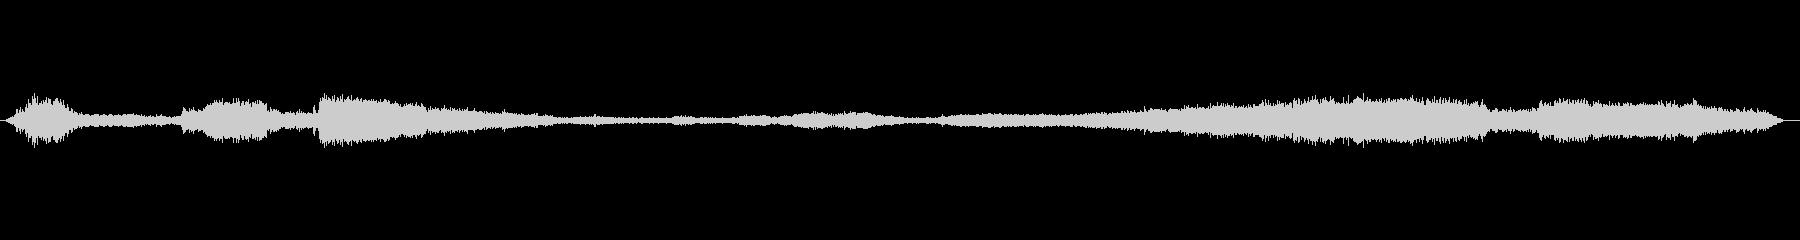 フォークリフト、ディーゼル、動物;...の未再生の波形